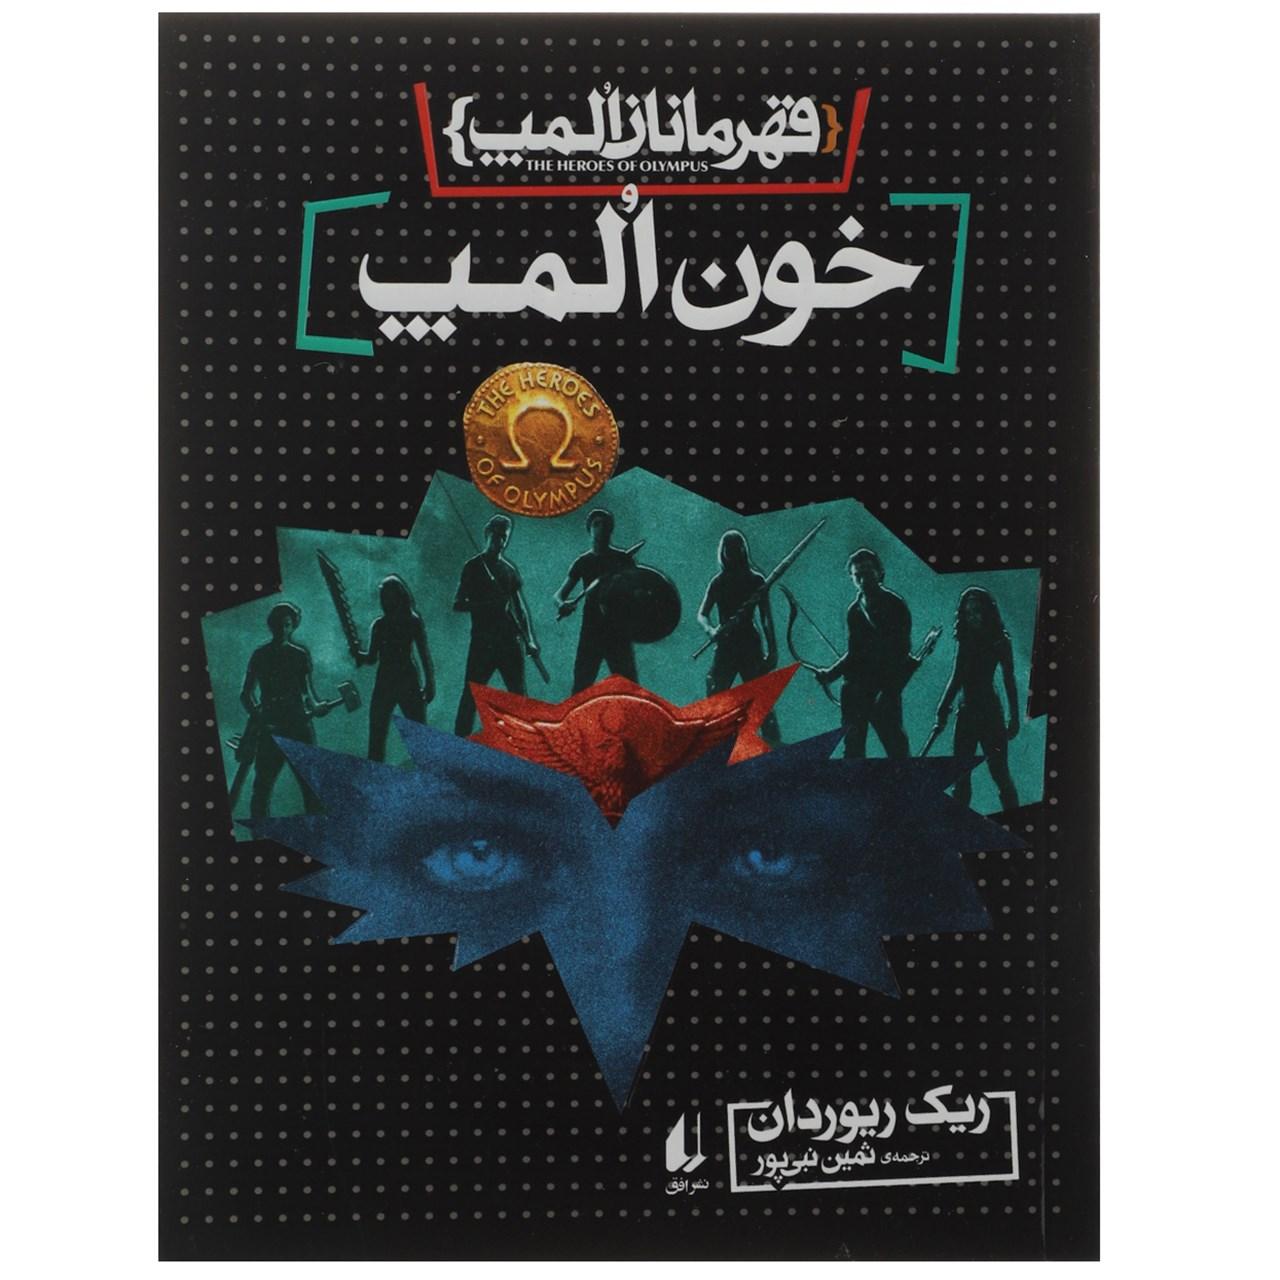 کتاب قهرمانان المپ 5 اثر ریک ریوردان